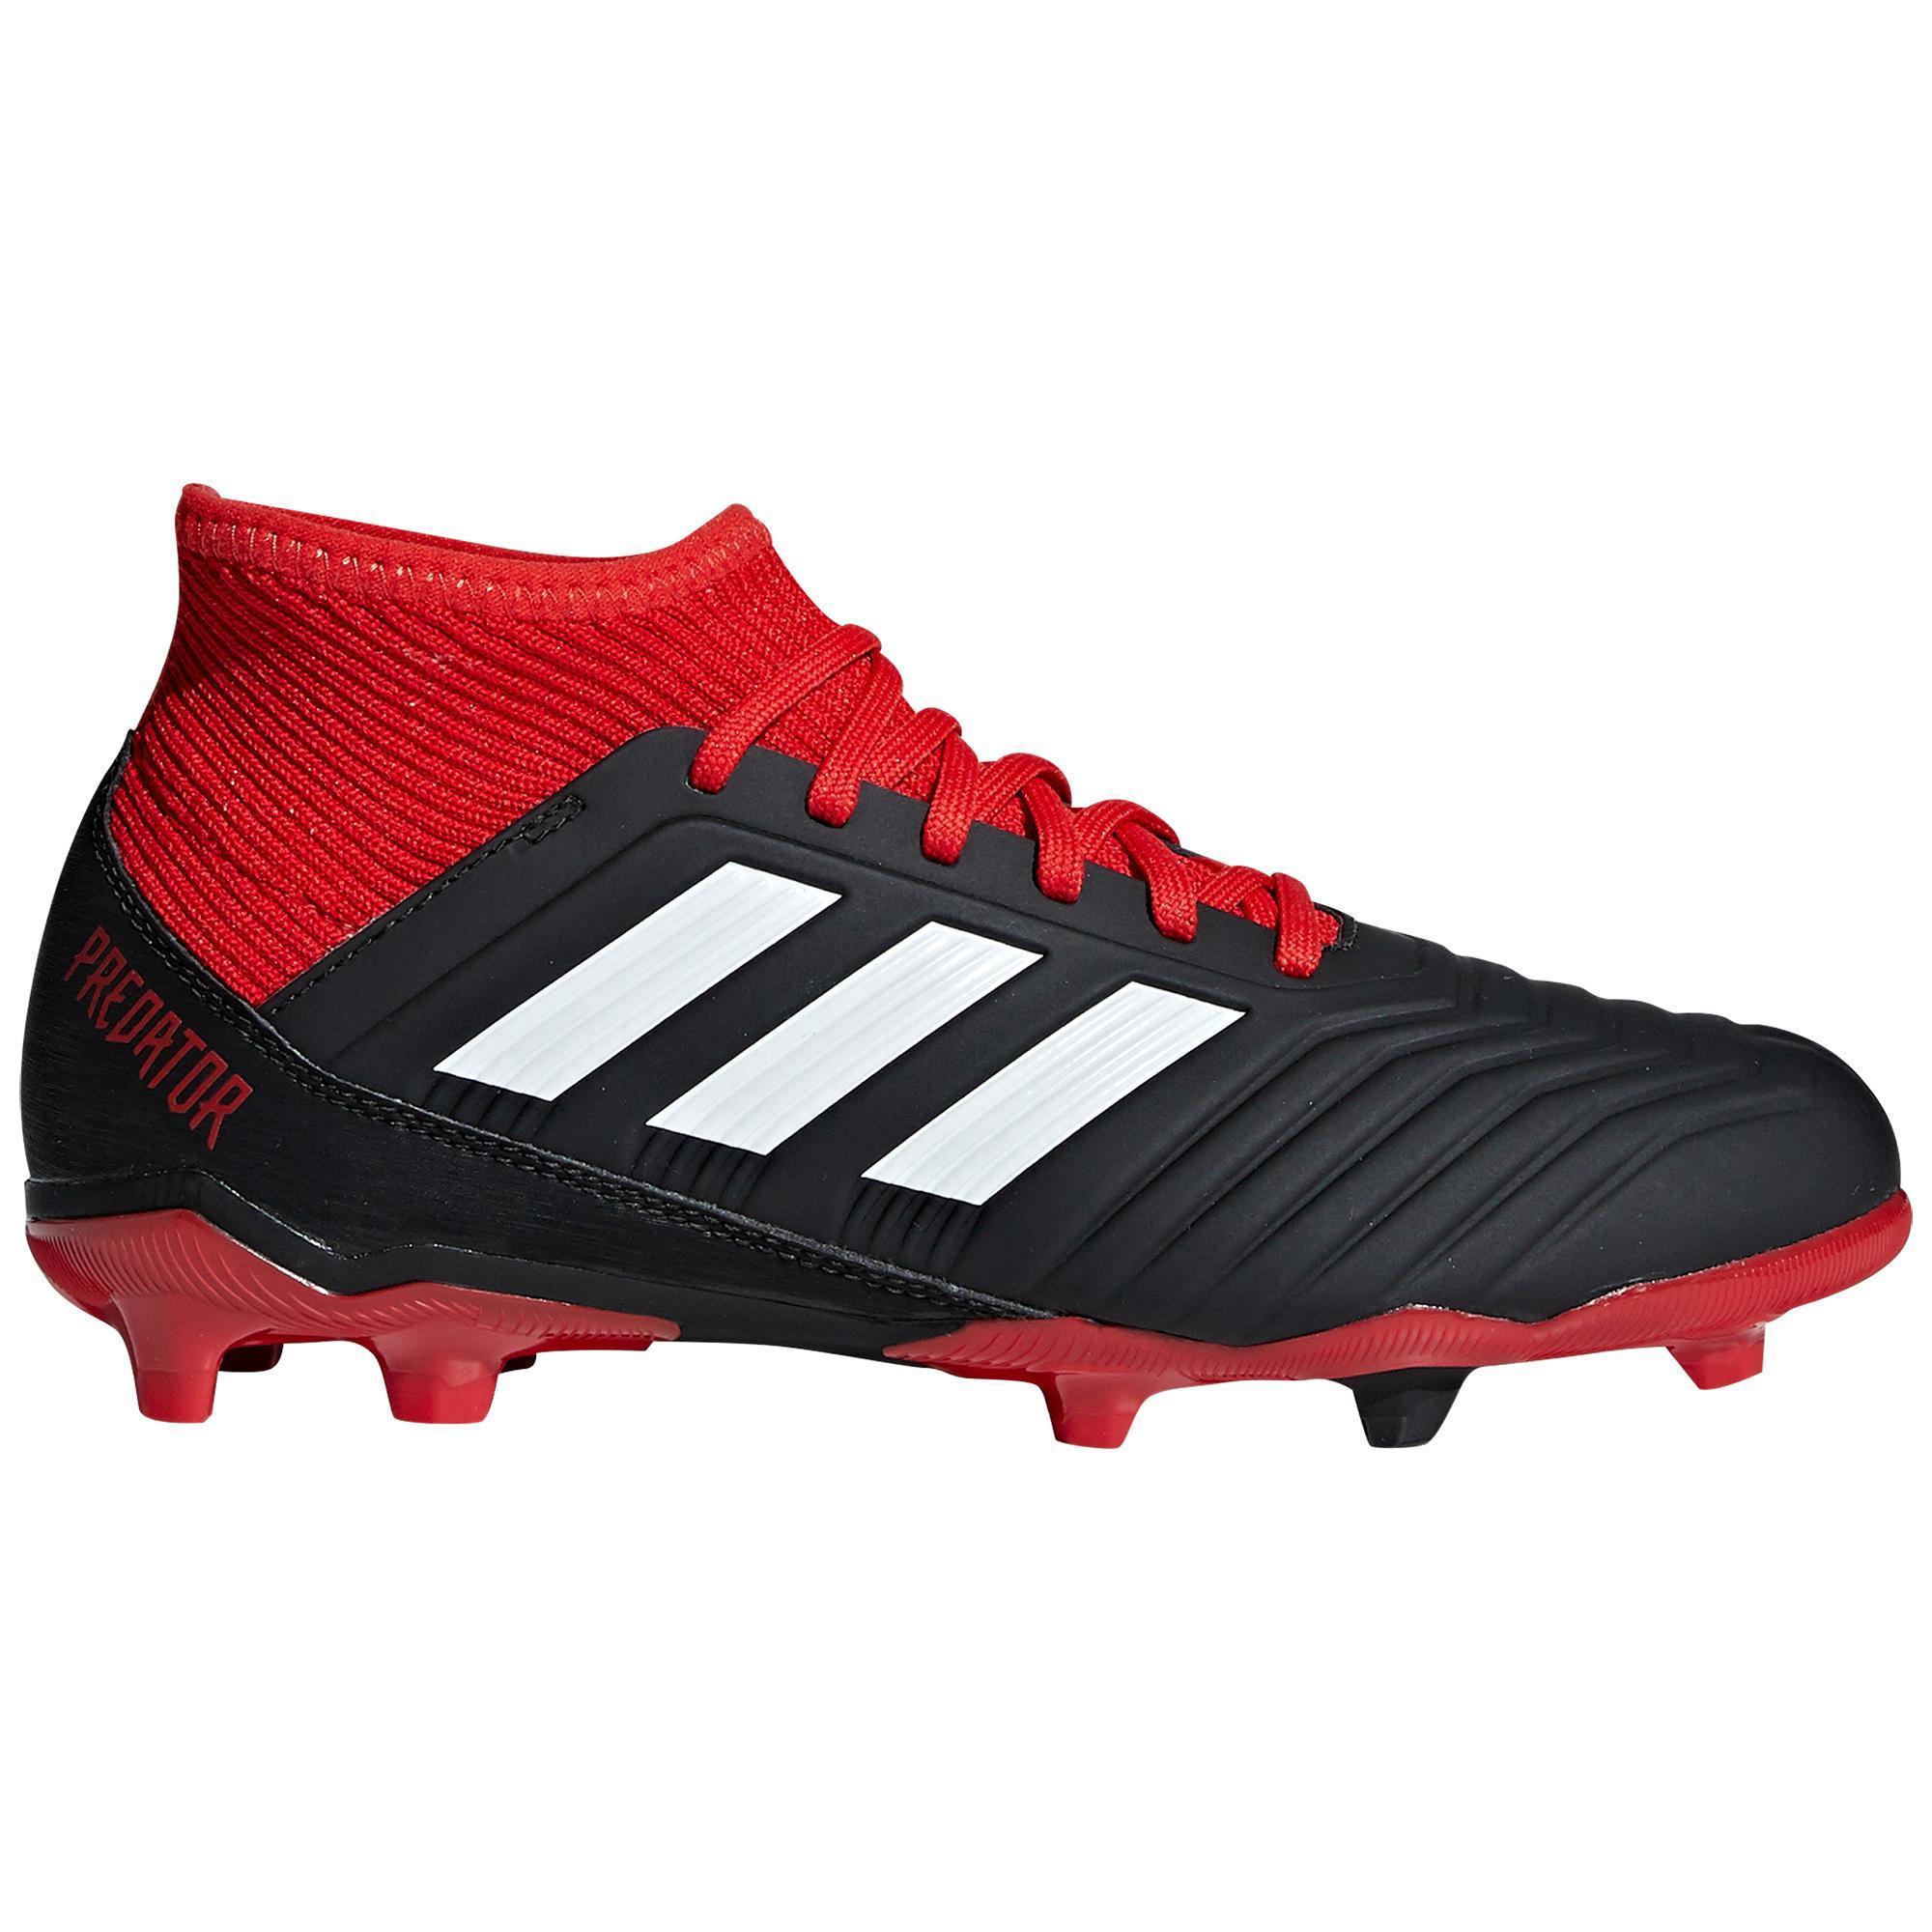 official photos daa3c 7b2d9 Botas de fútbol Adidas Predator 18.3 FG calcetín niños negro rojo